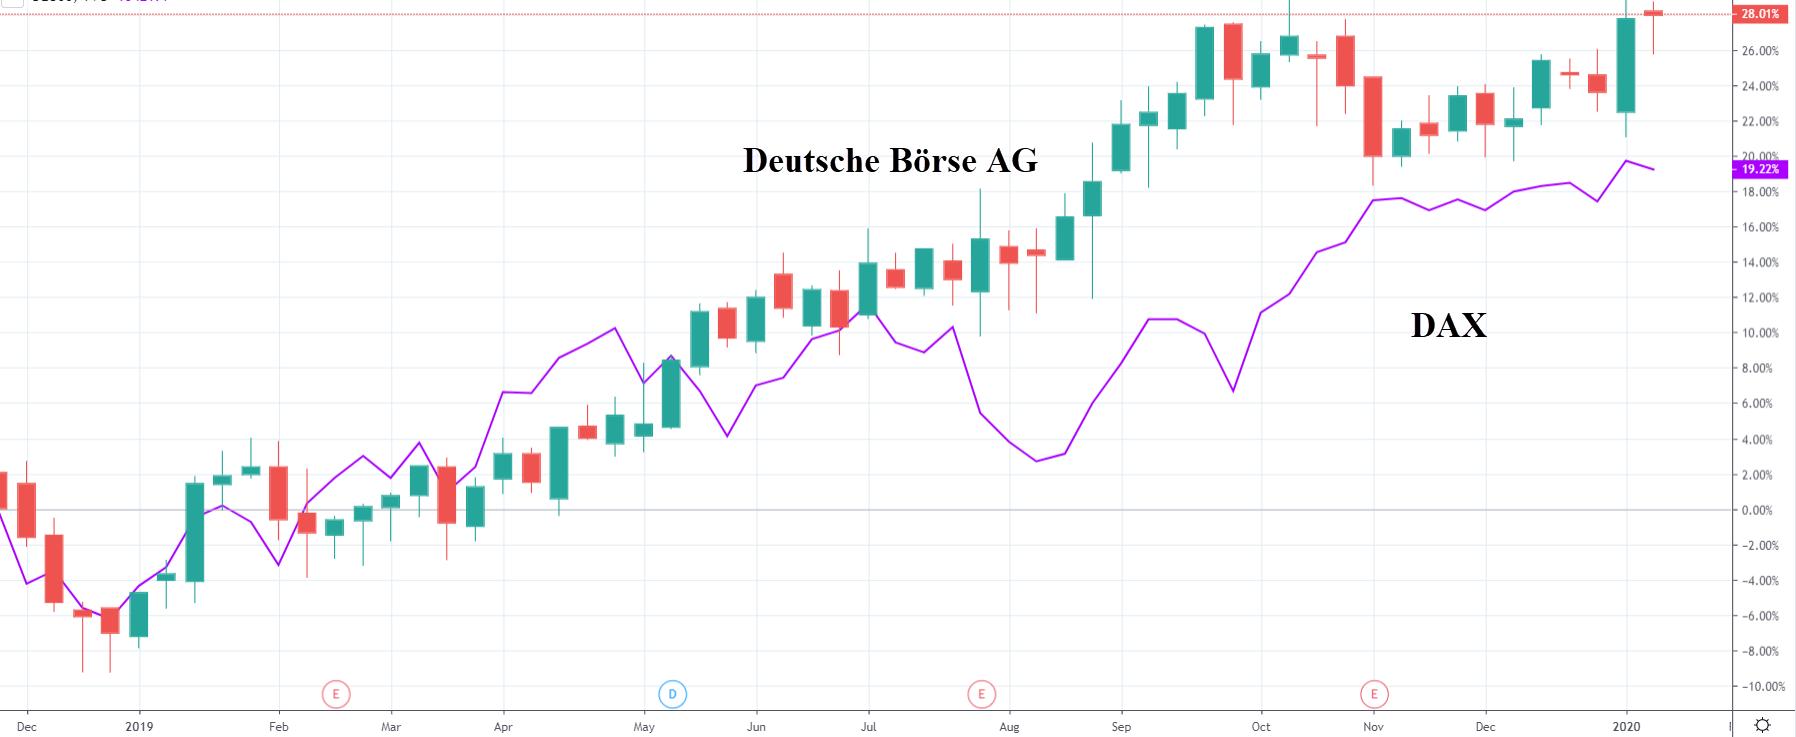 Akcie Deutsche Börse AGVS dax